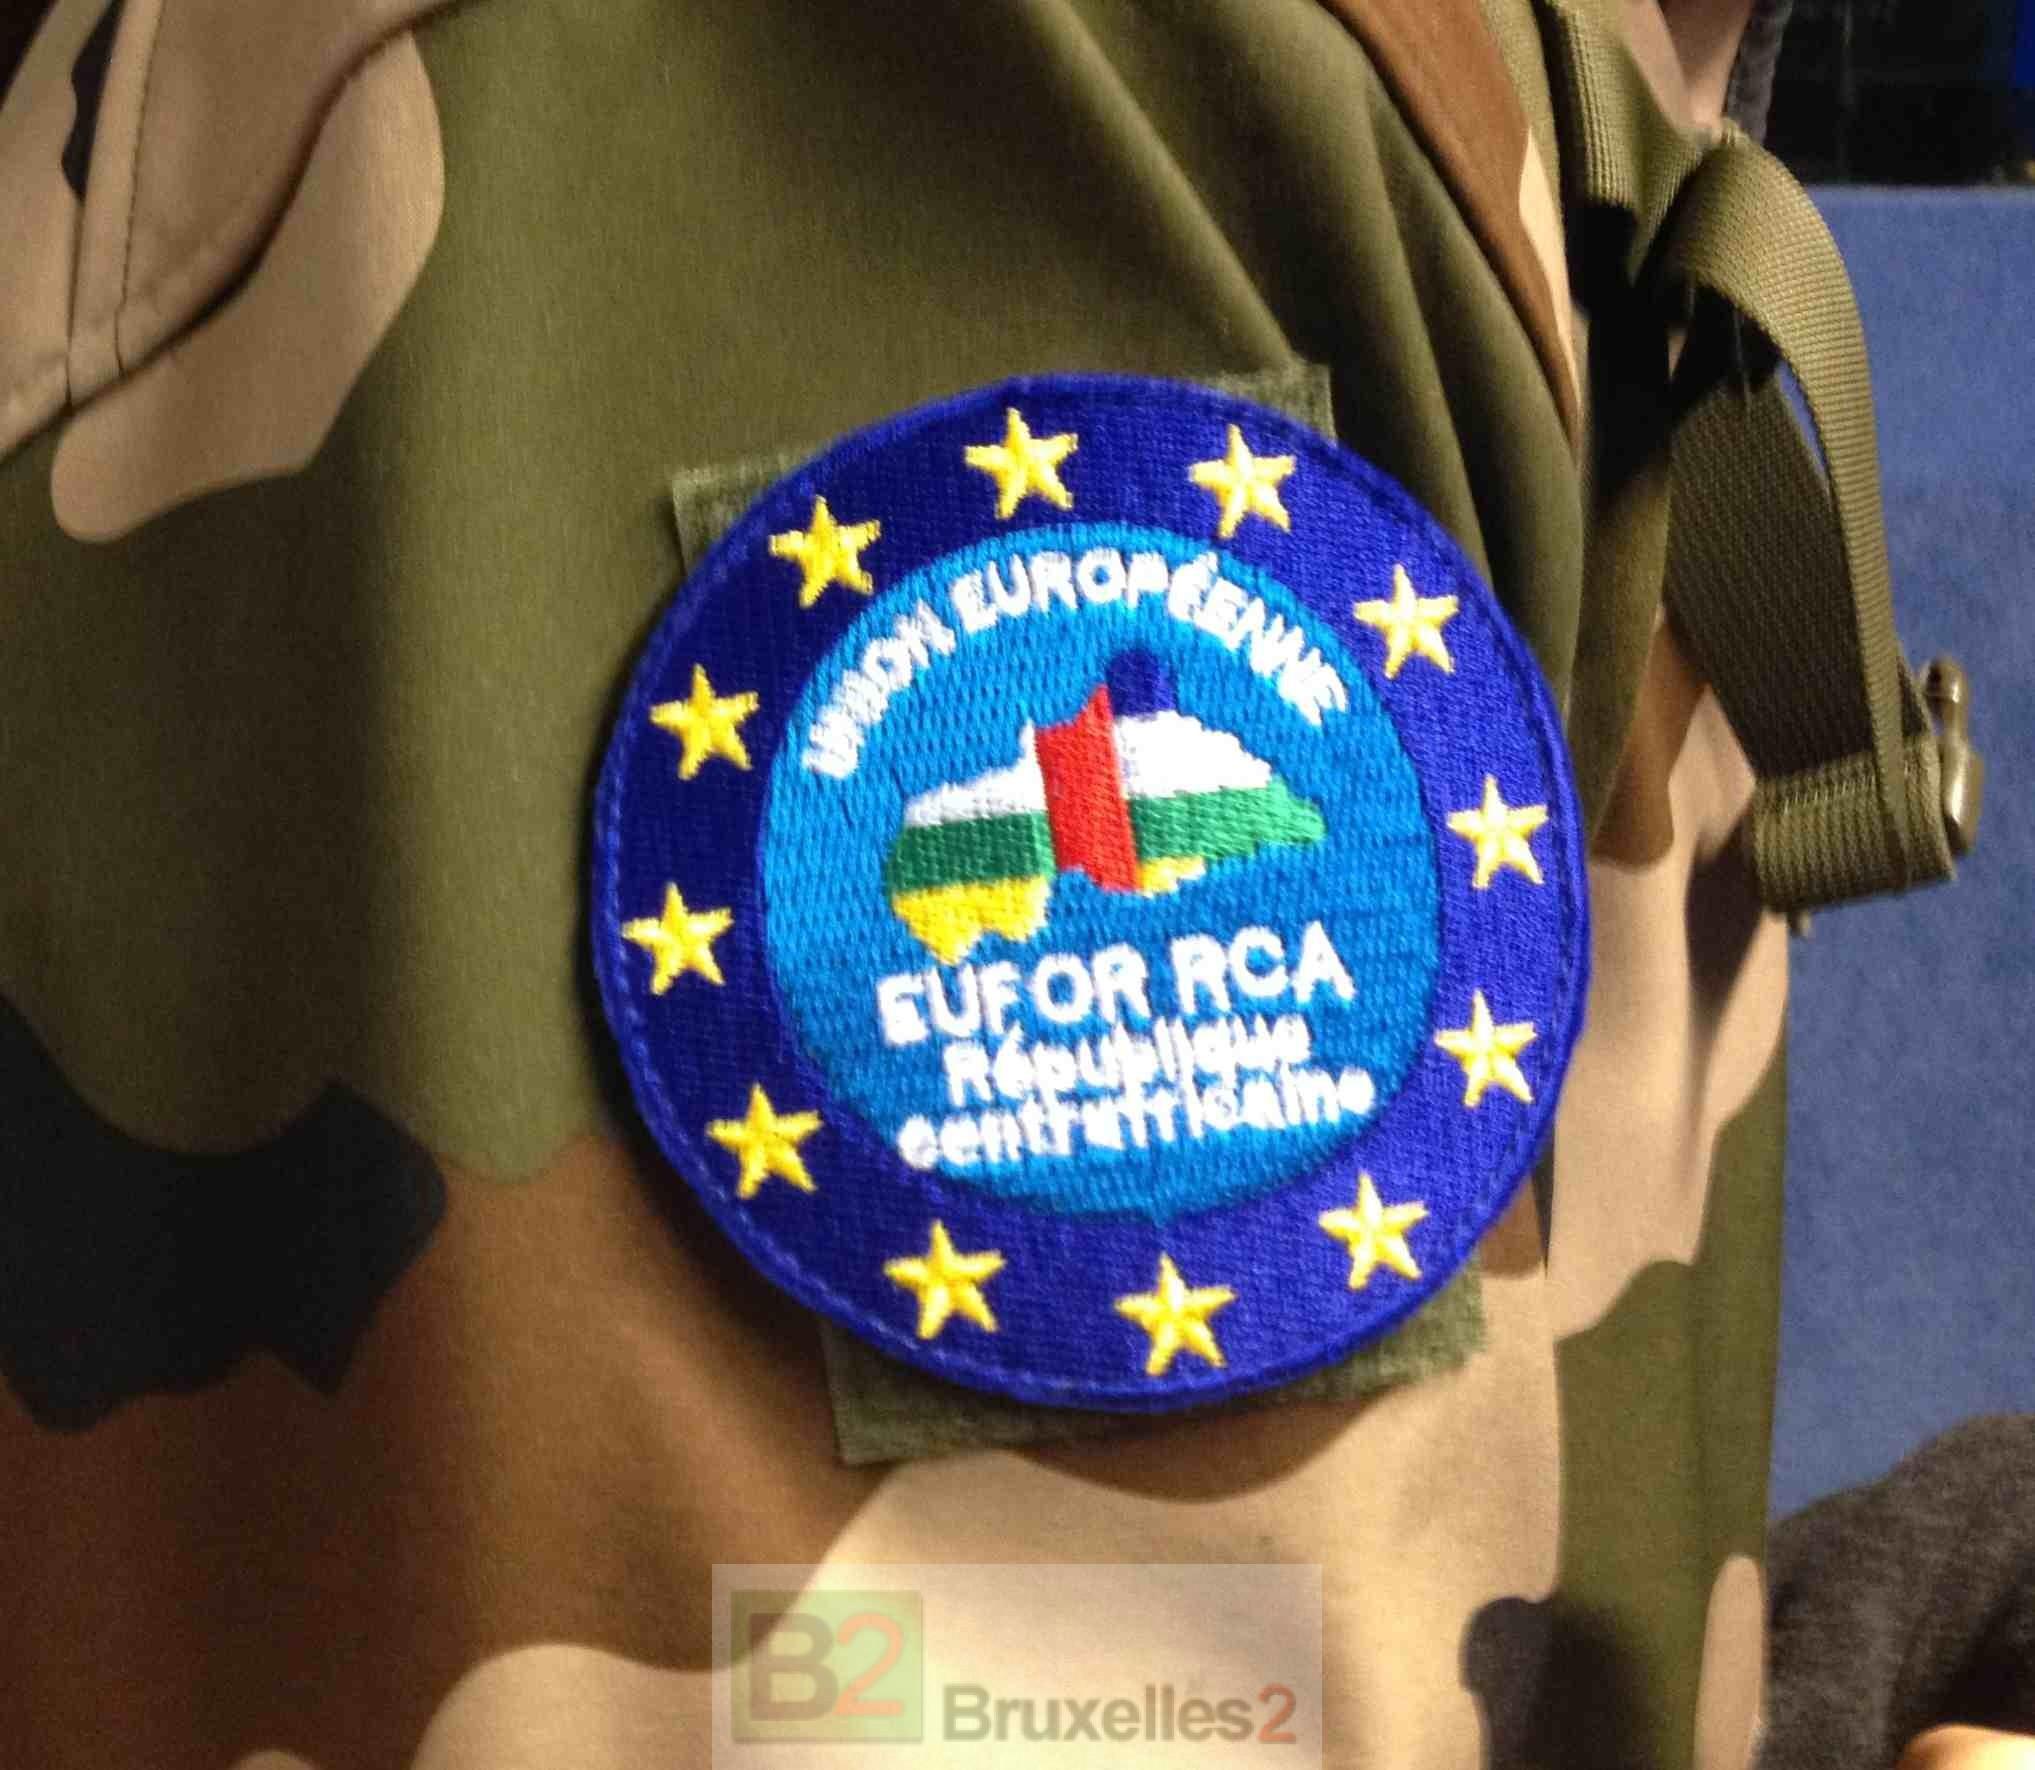 Qui participe à l'opération EUFOR RCA – l'état des forces